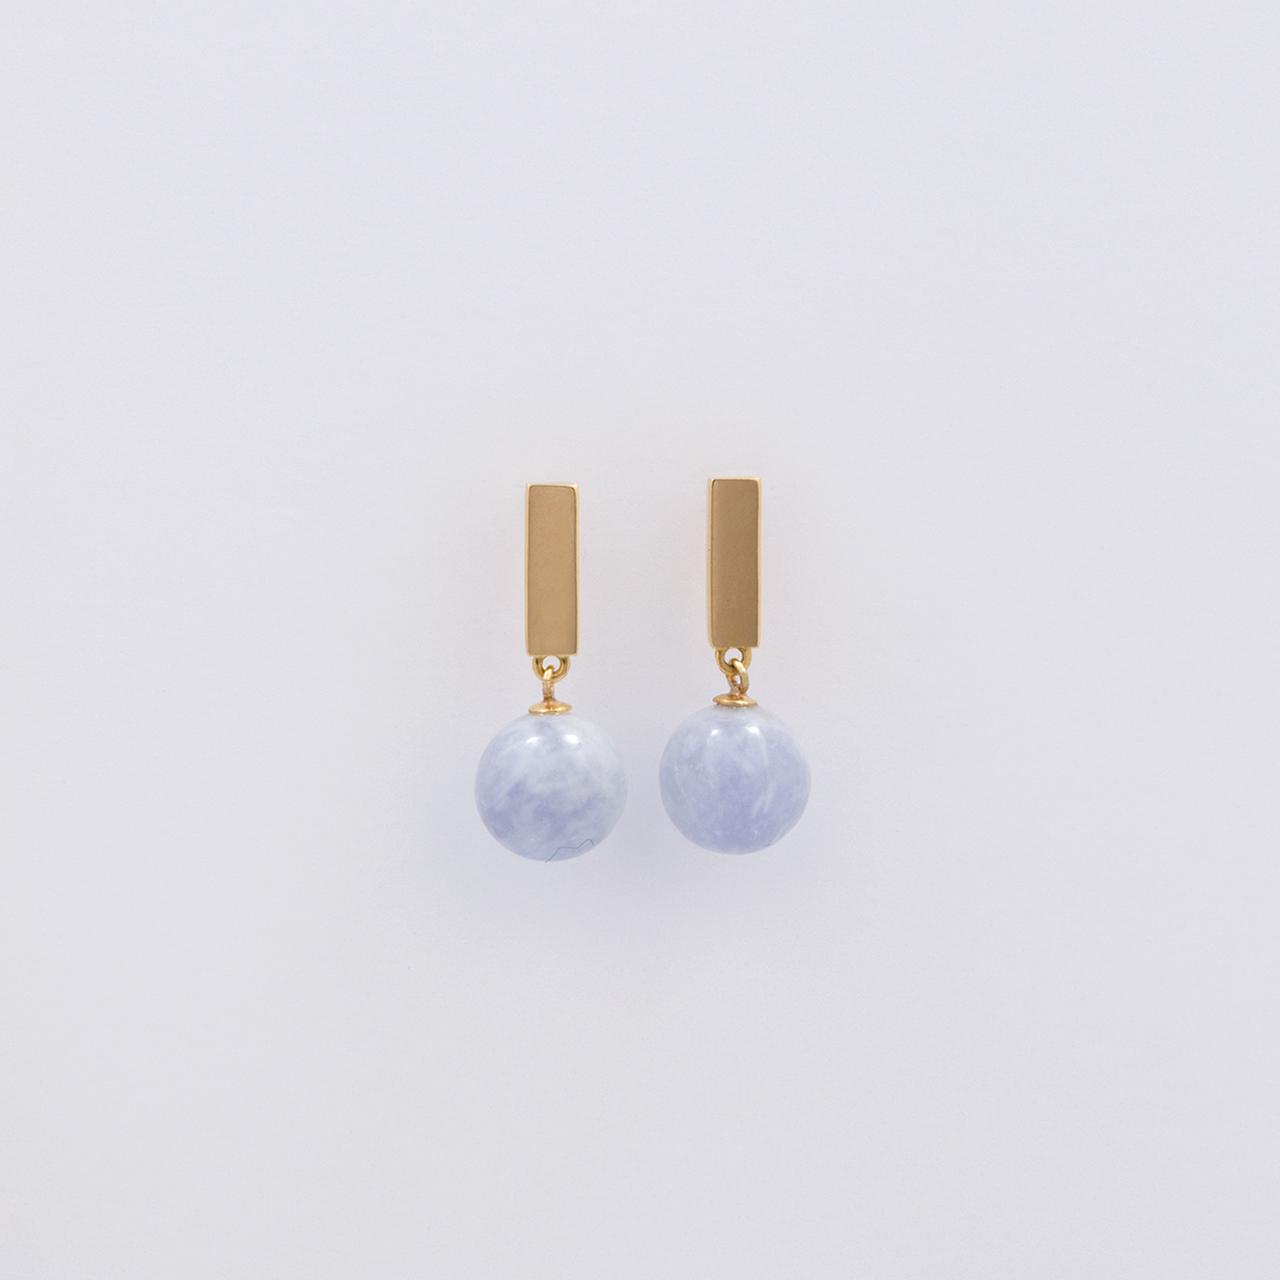 TAMA / Pierced Earrings